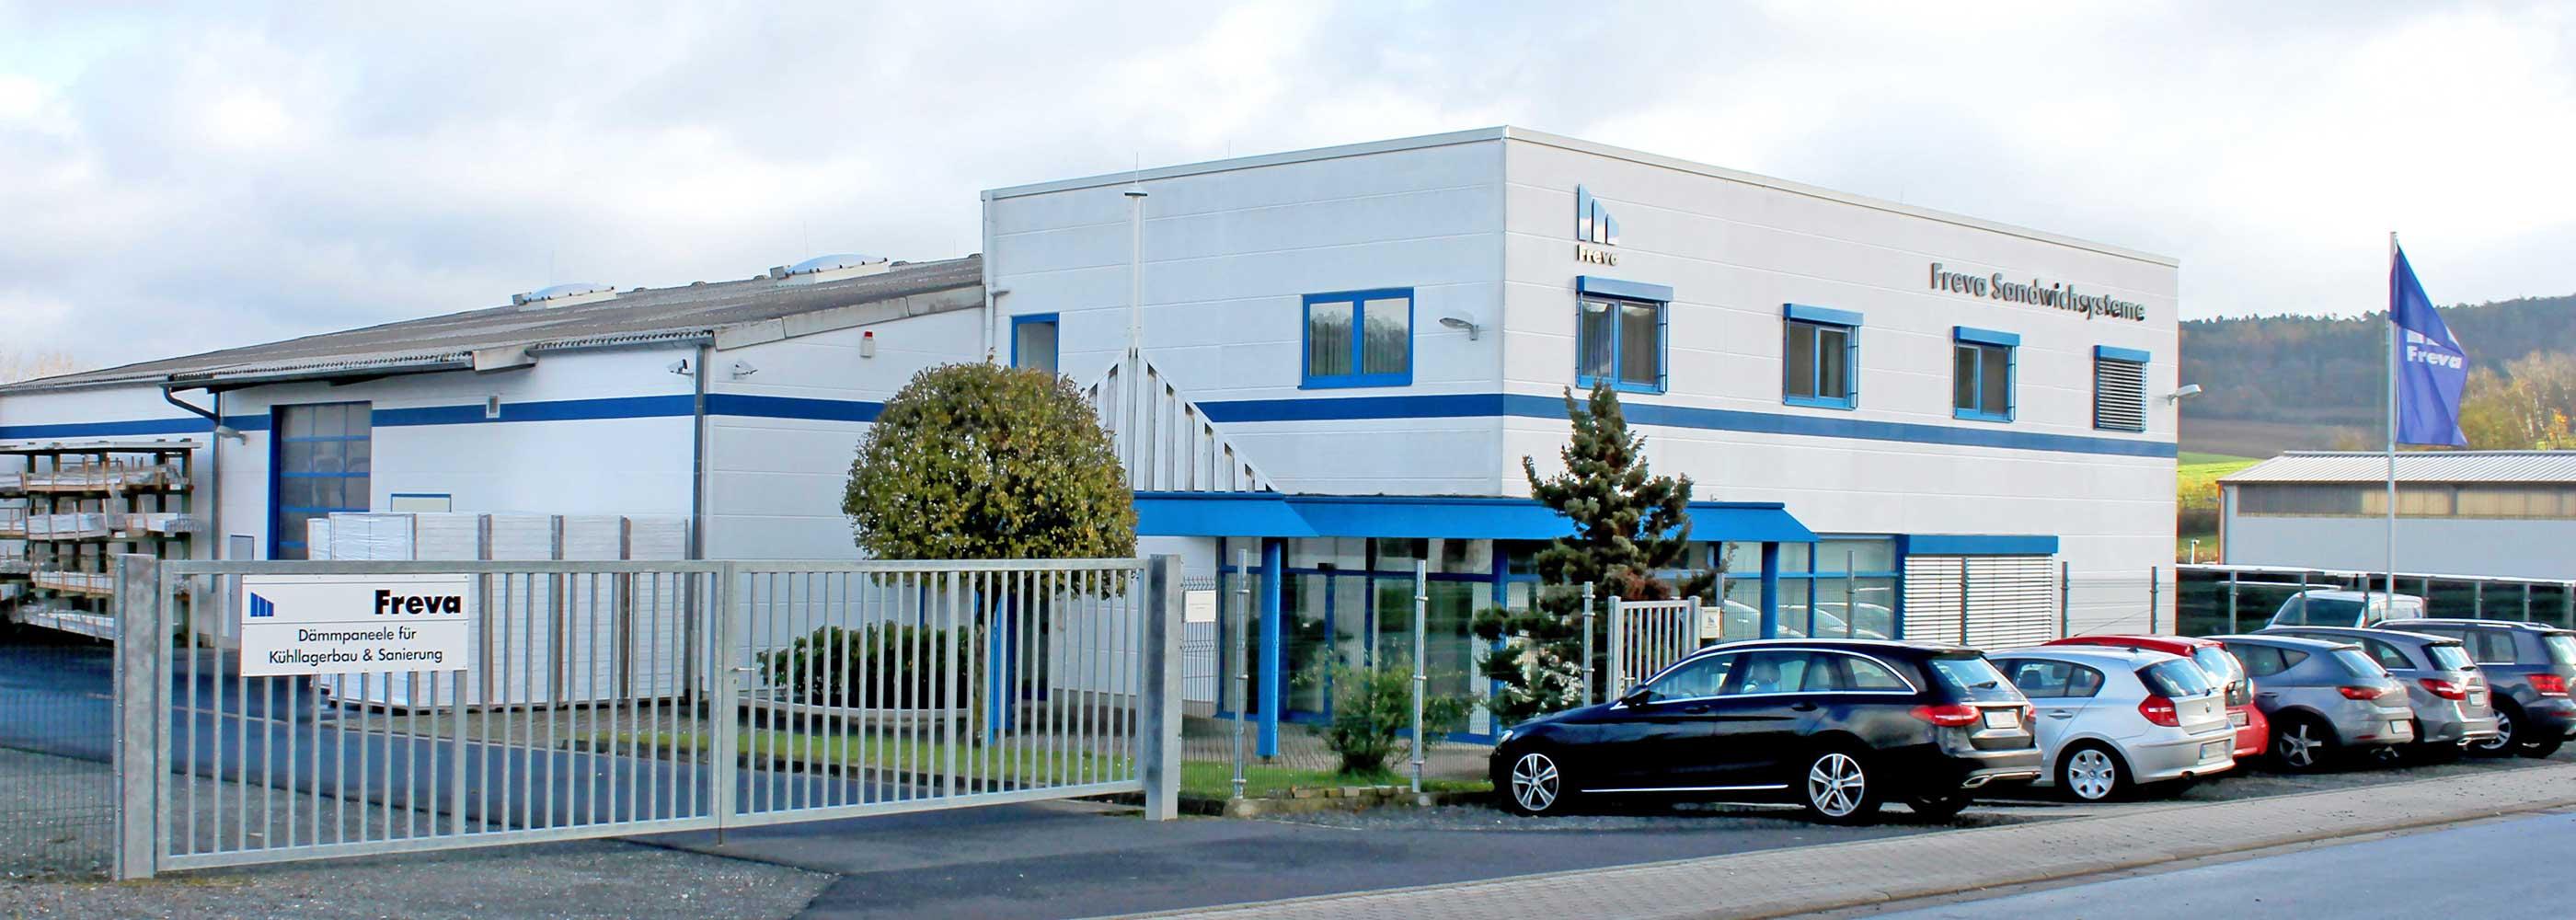 Foto Unternehmensgebäude